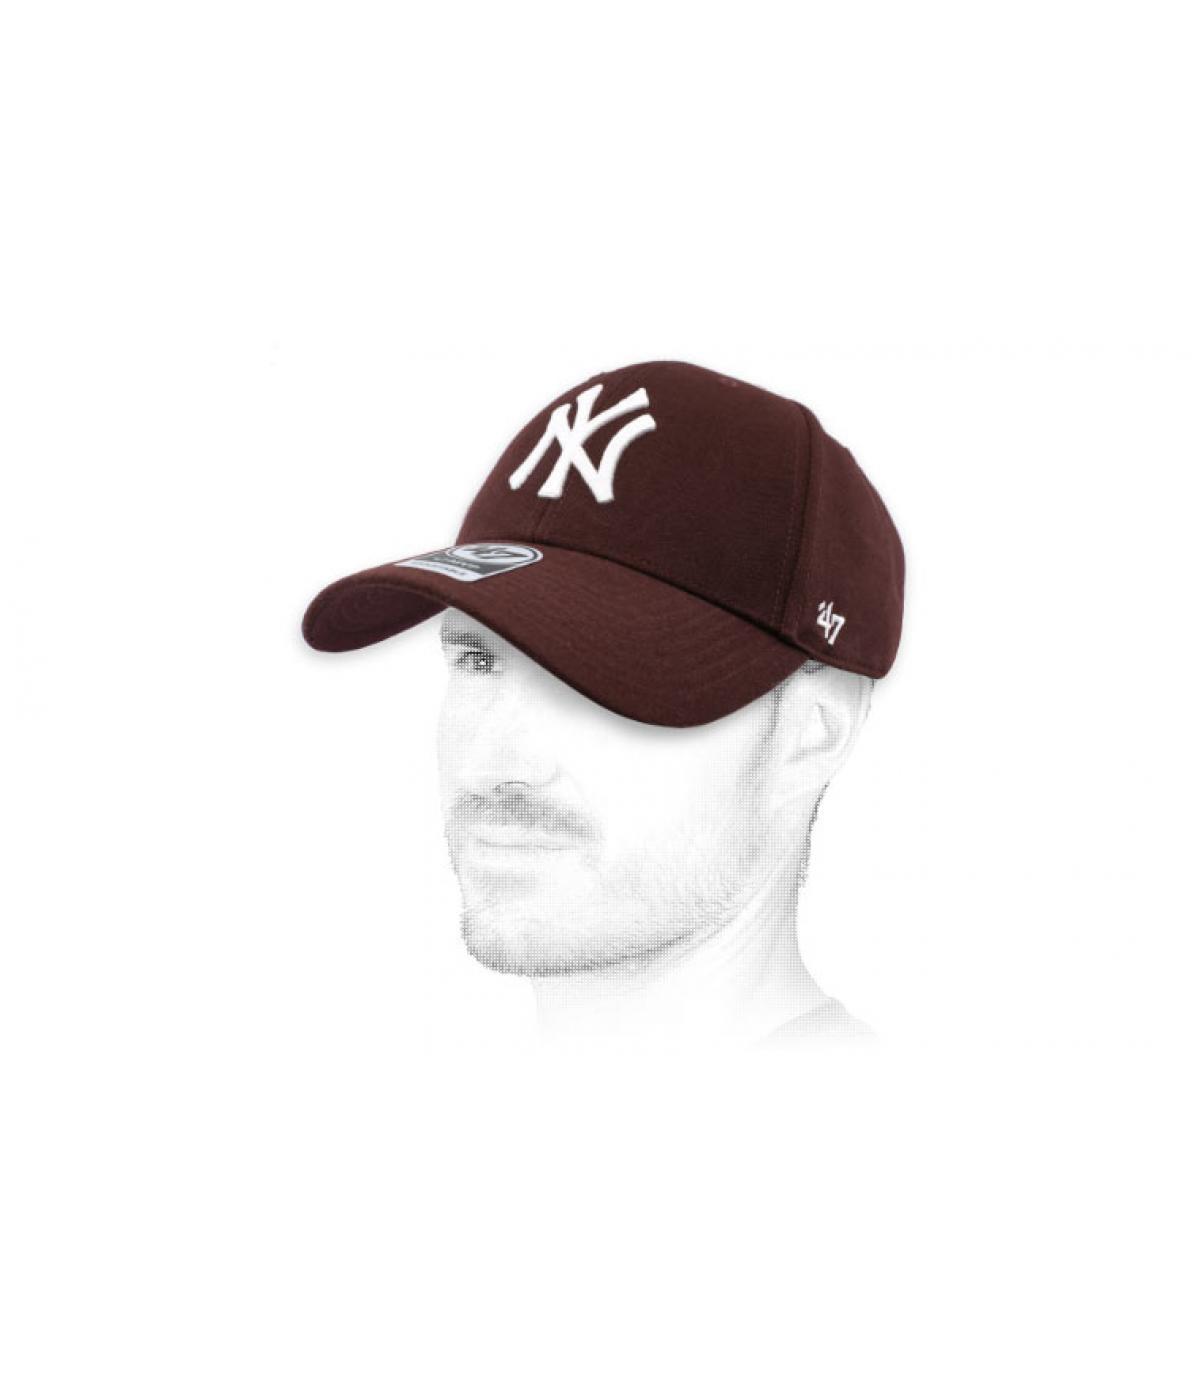 berretto bordeaux NY 47